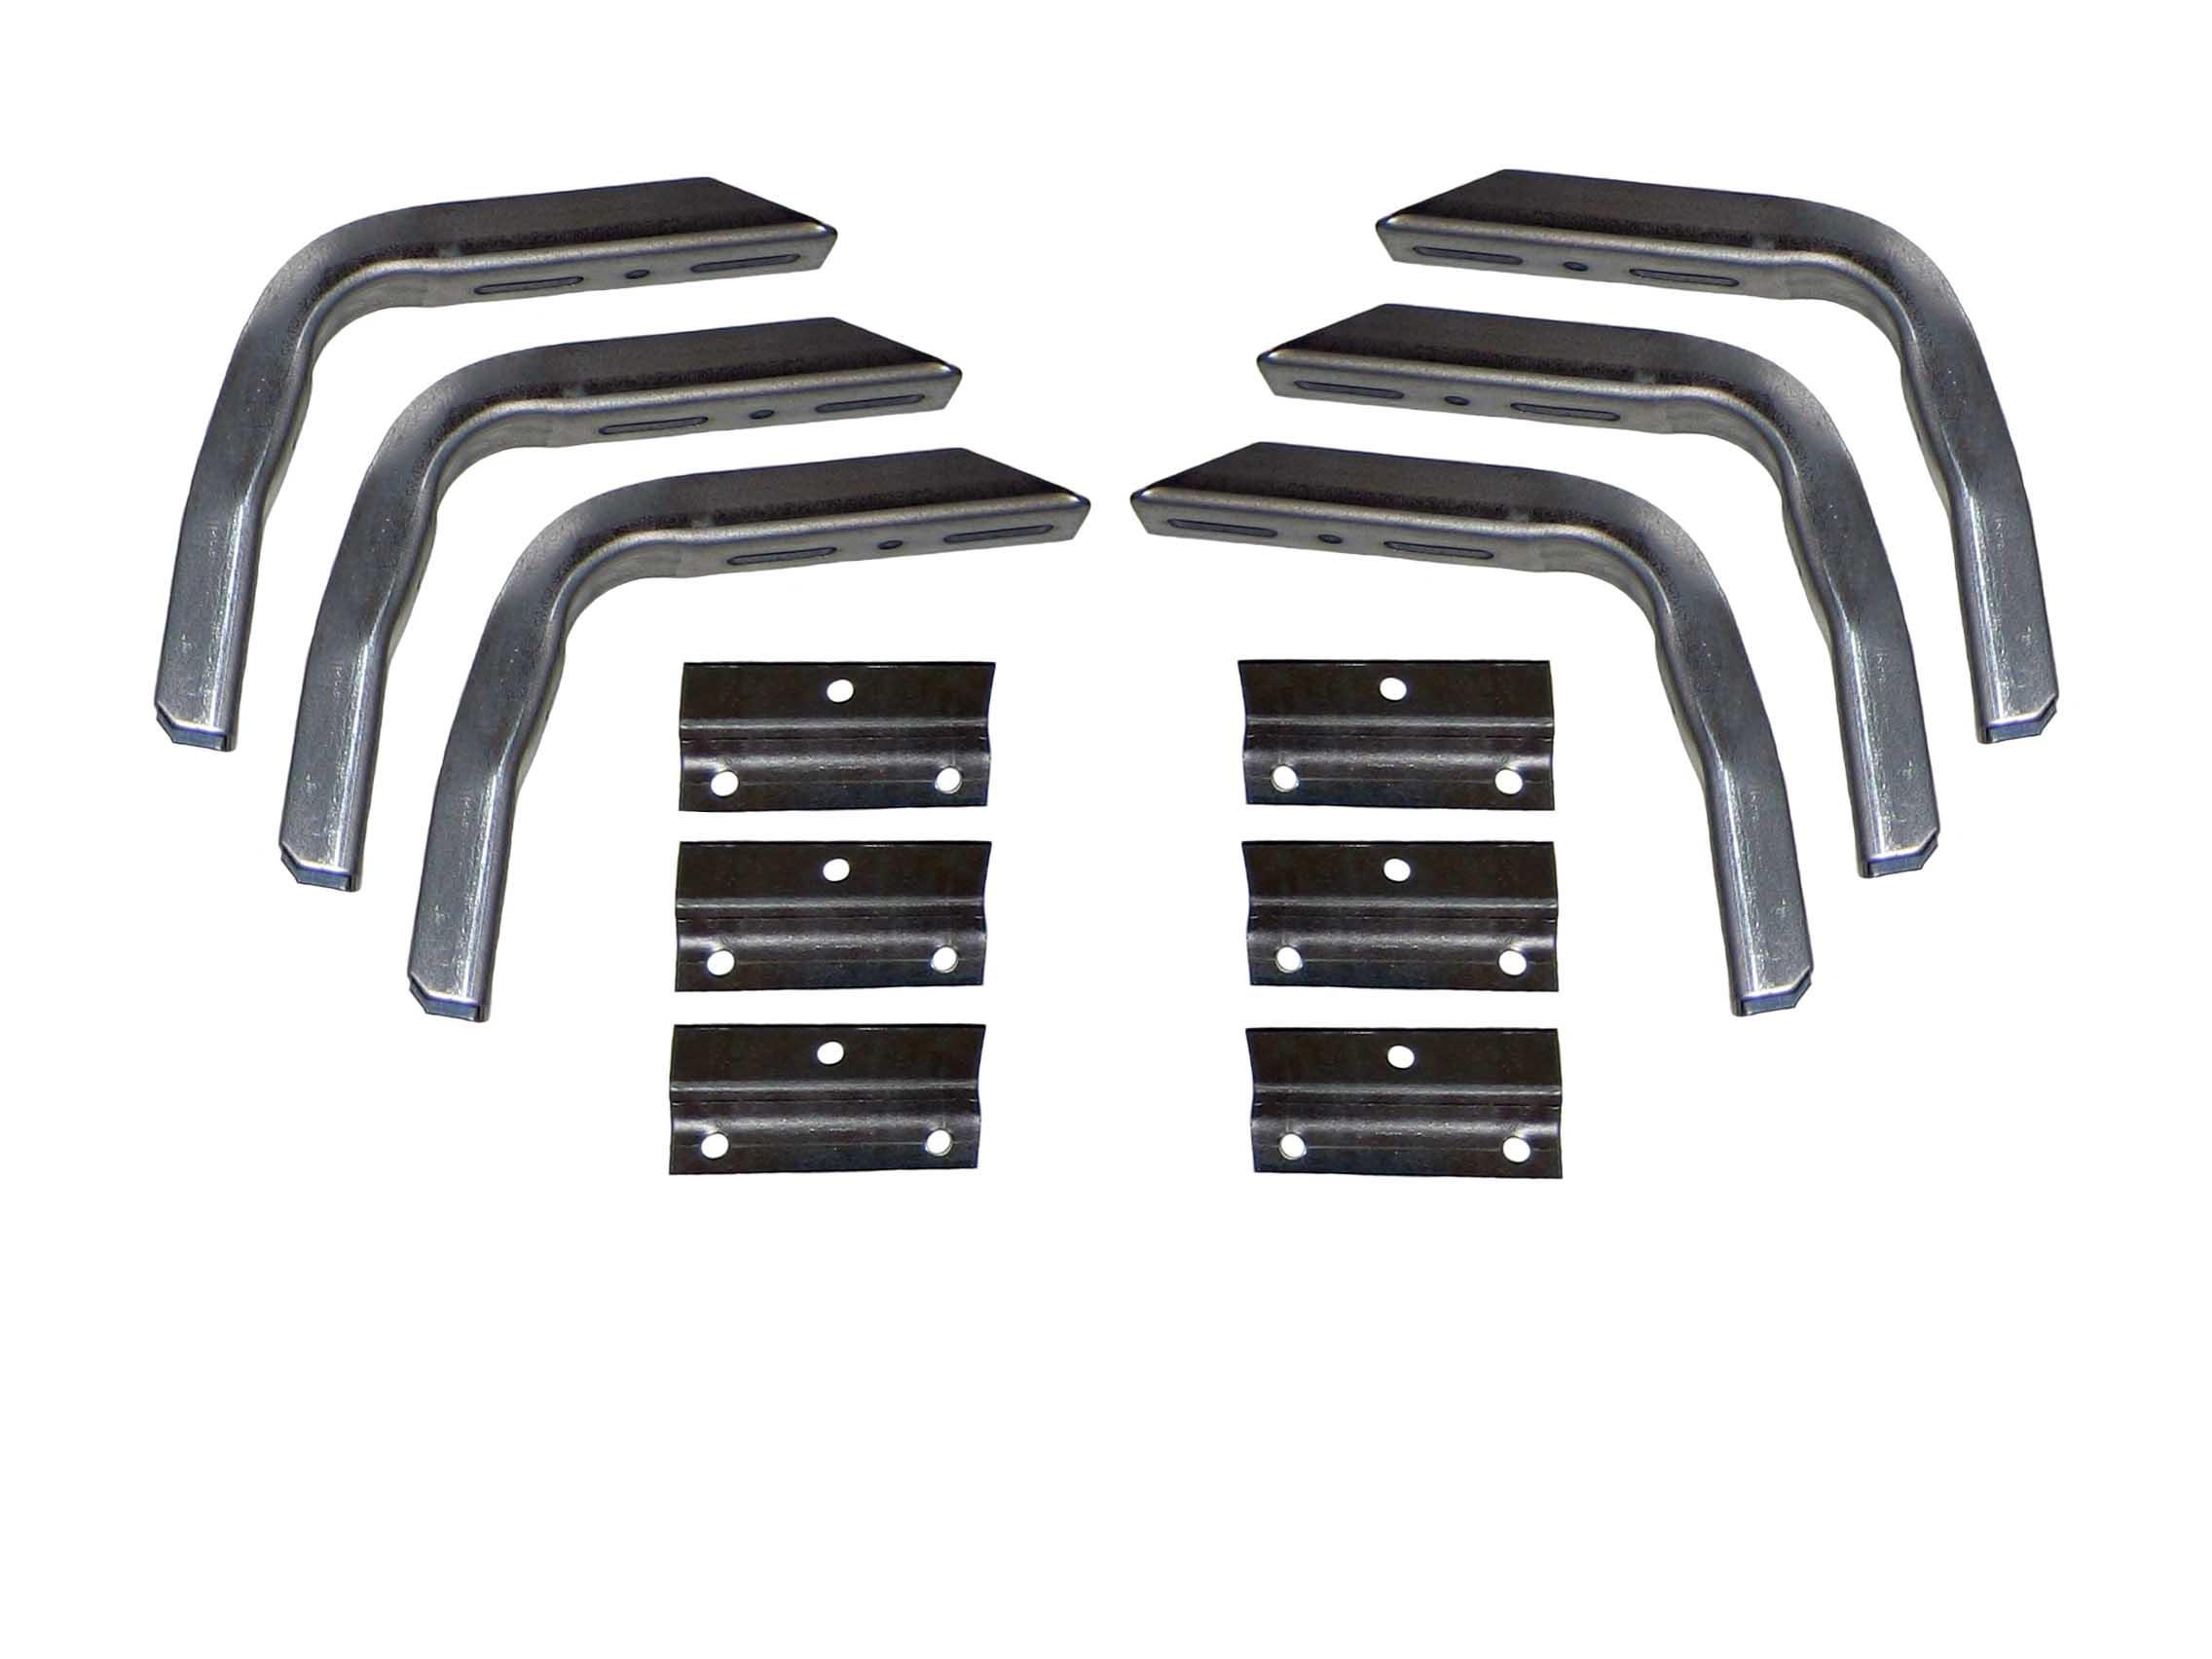 Cargo Bed Golf Cart Brackets